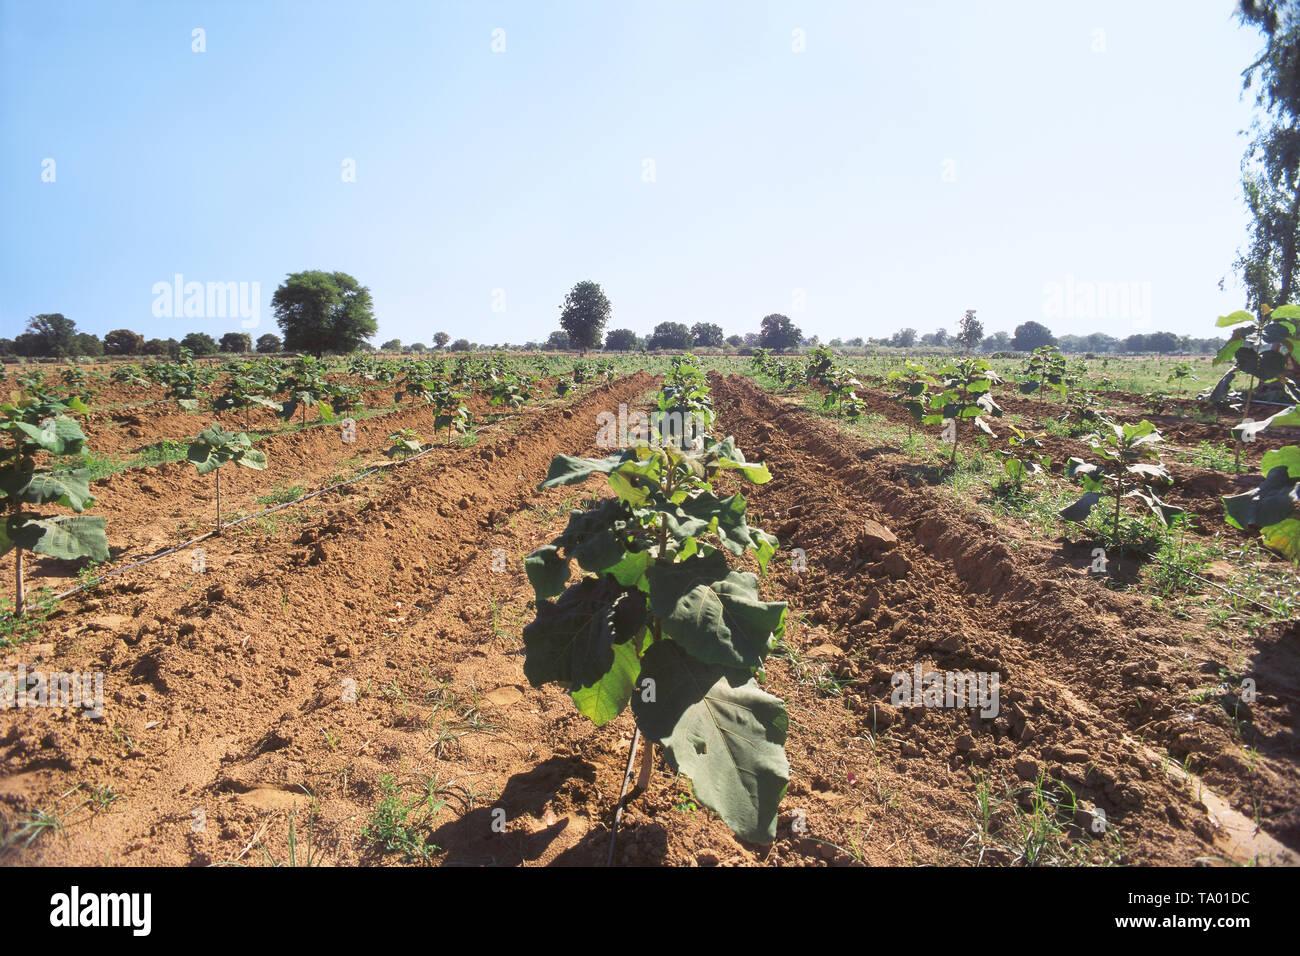 TEAK PLANTATION AND TEAK PLANT, AHMEDABAD, INDIA, ASIA - Stock Image